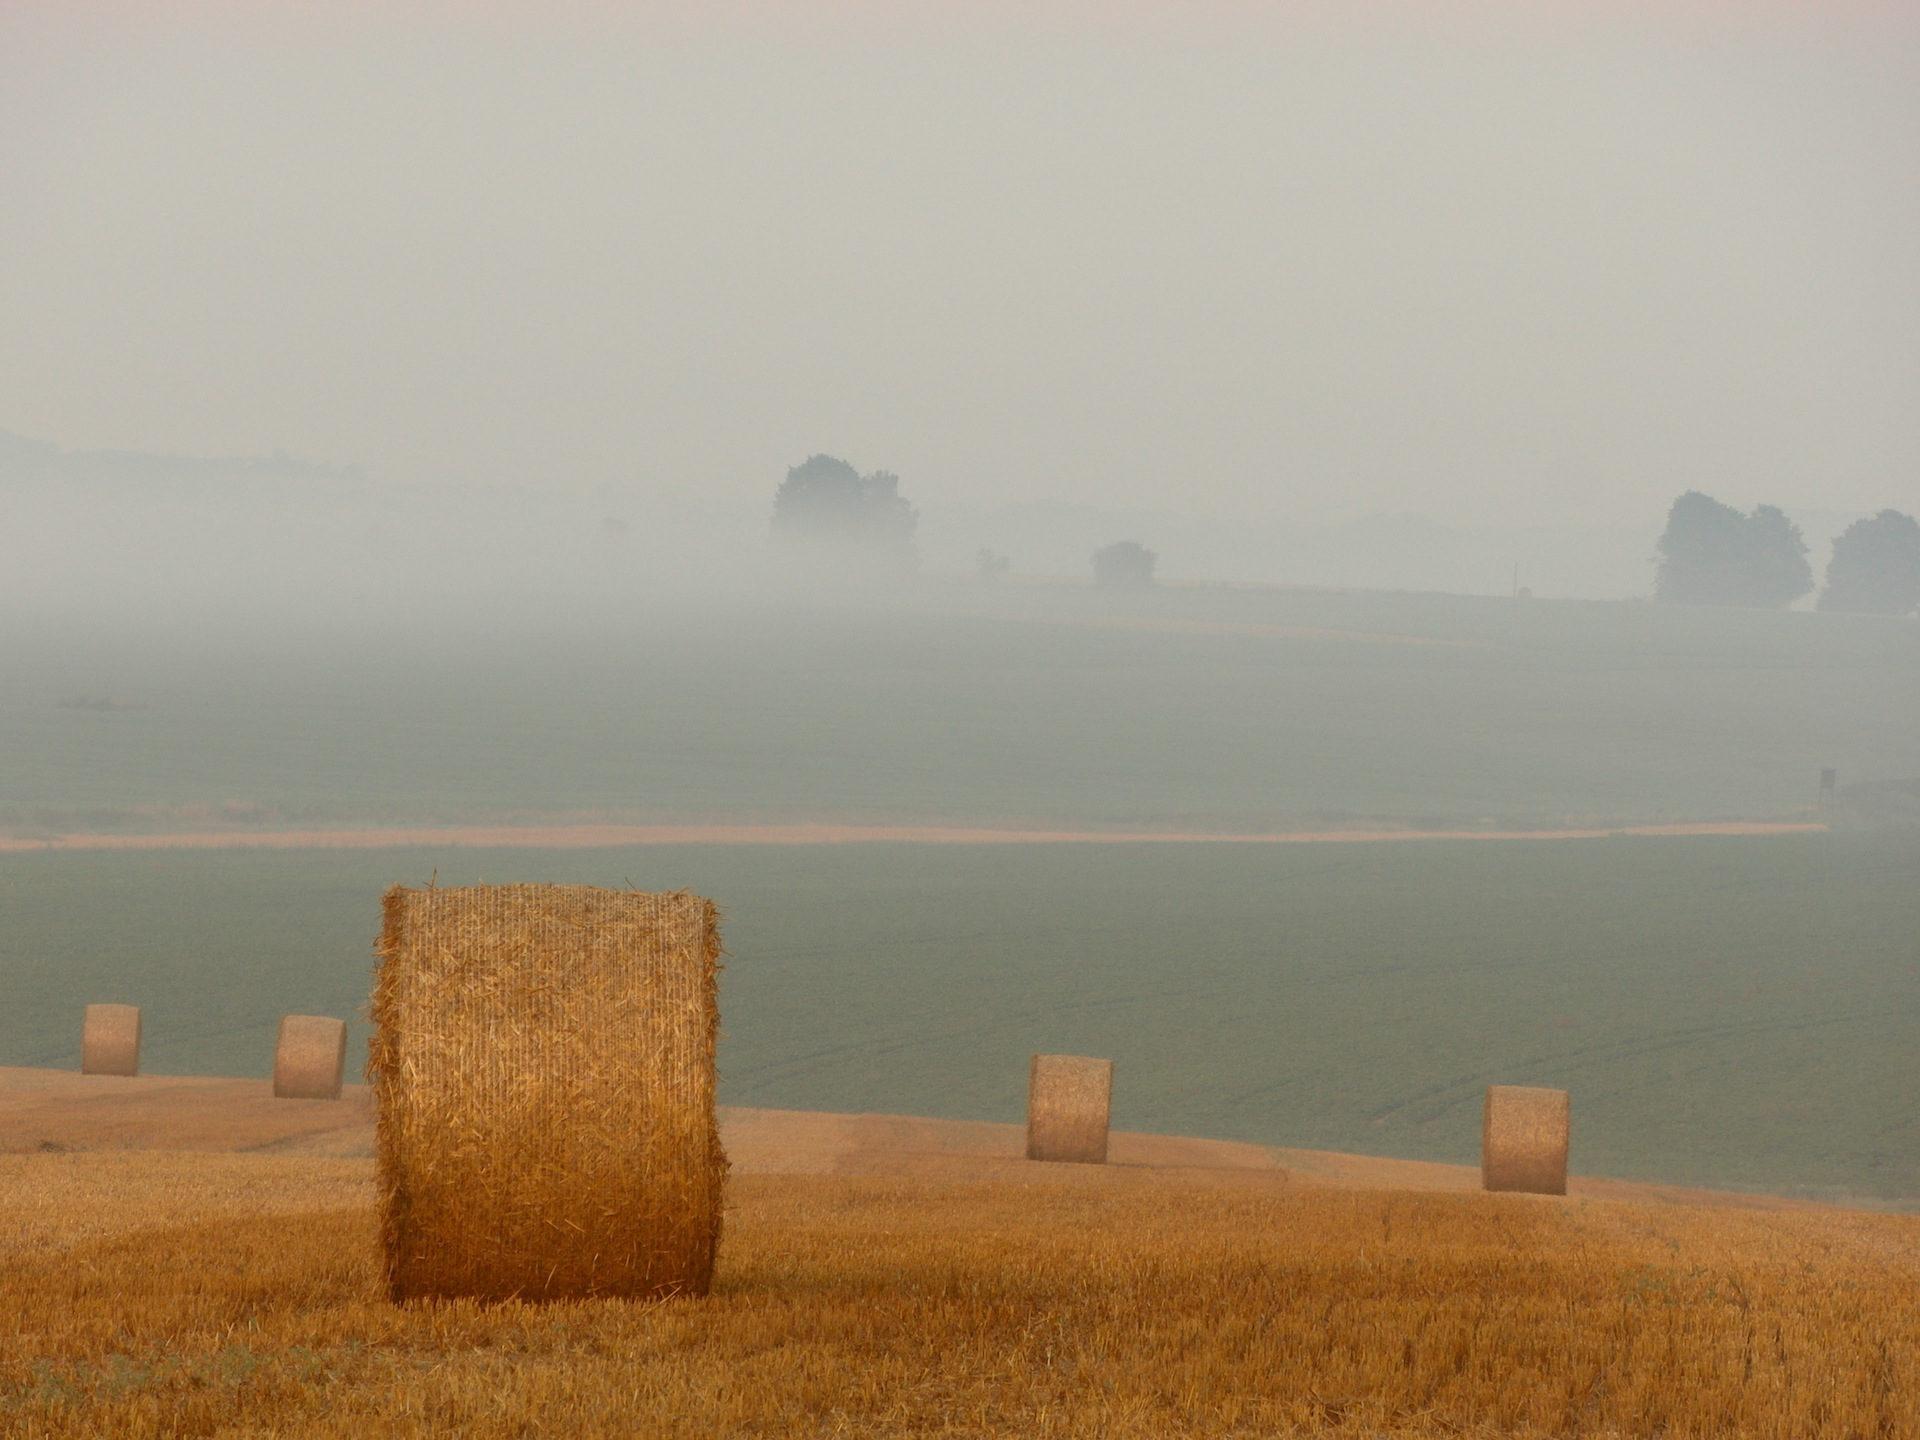 Stroh, Grass, Rulo, Pradera, Nebel - Wallpaper HD - Prof.-falken.com